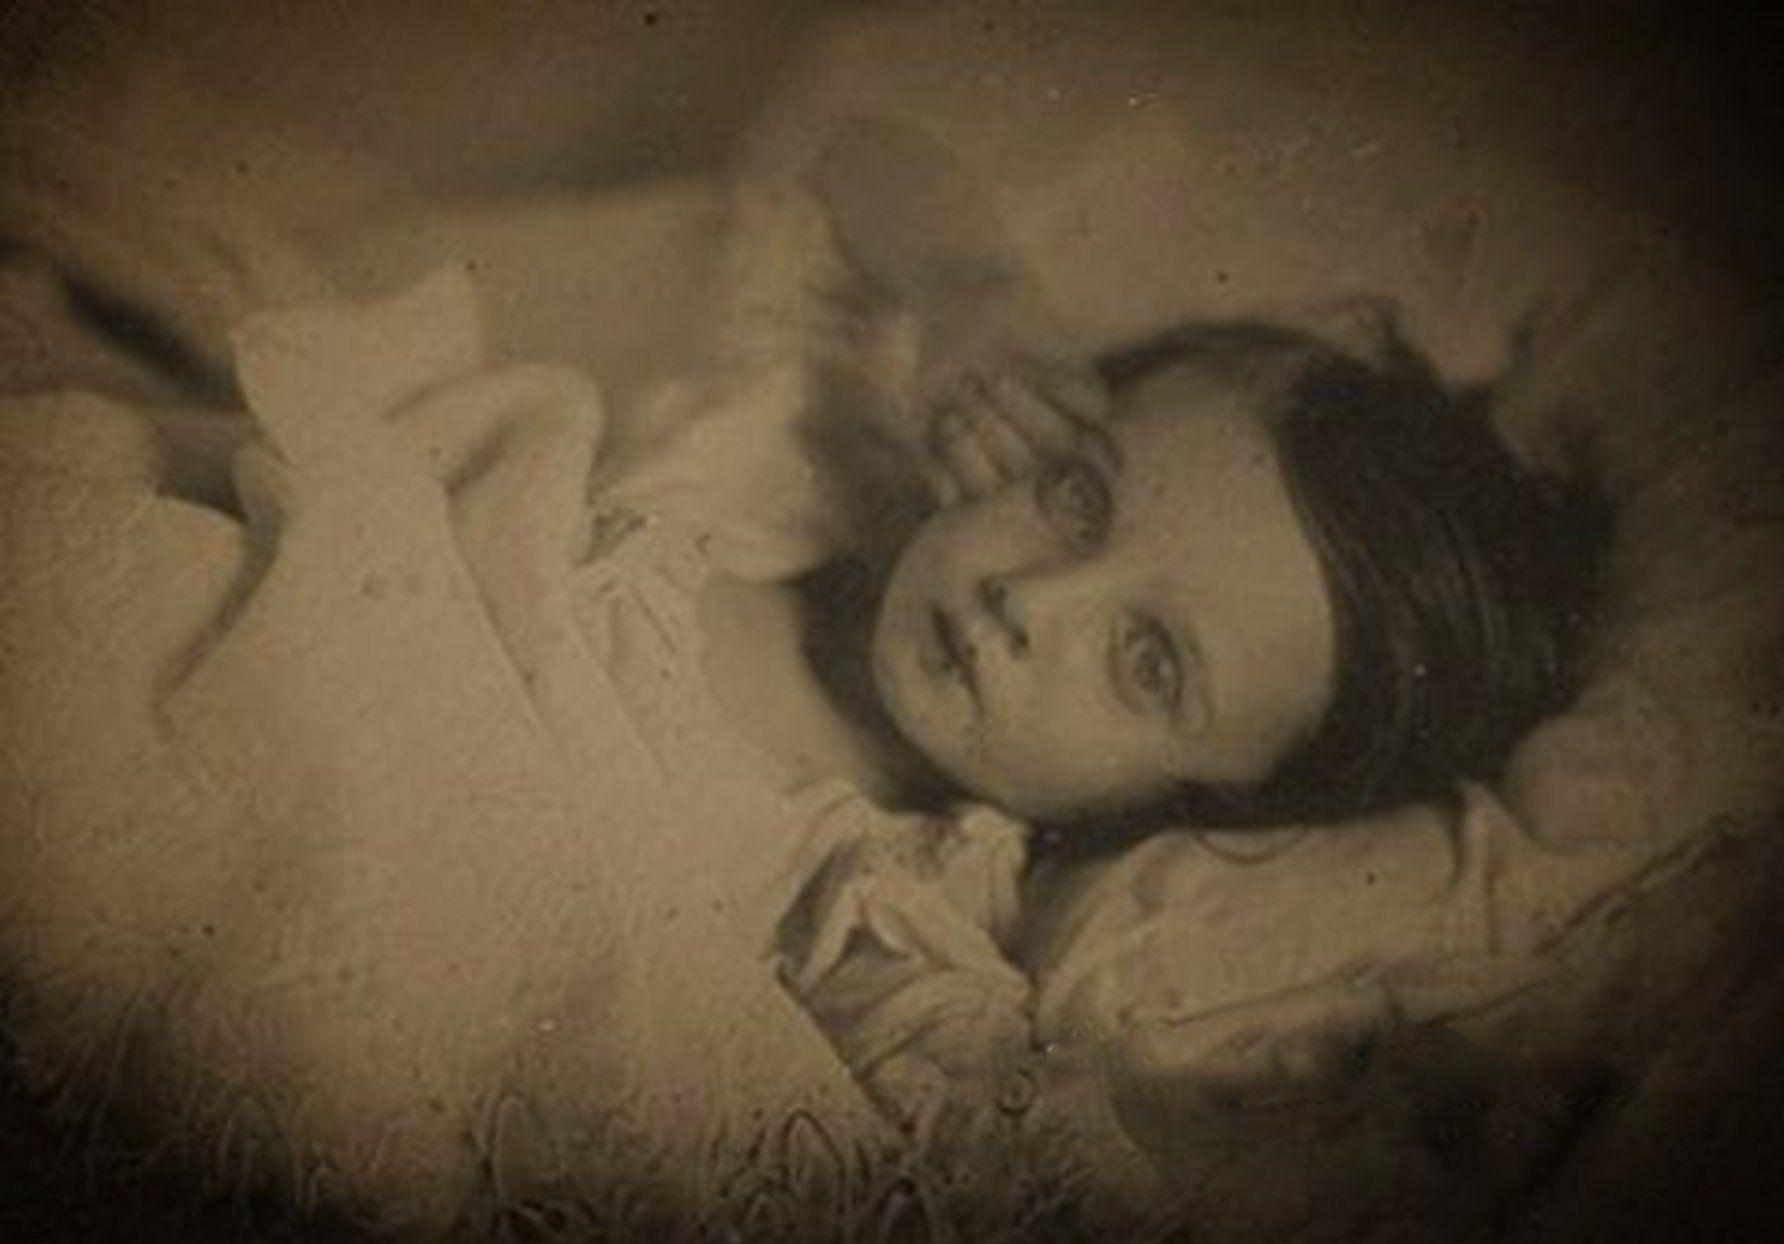 треть стакана сон мое фотография вырезано симптом